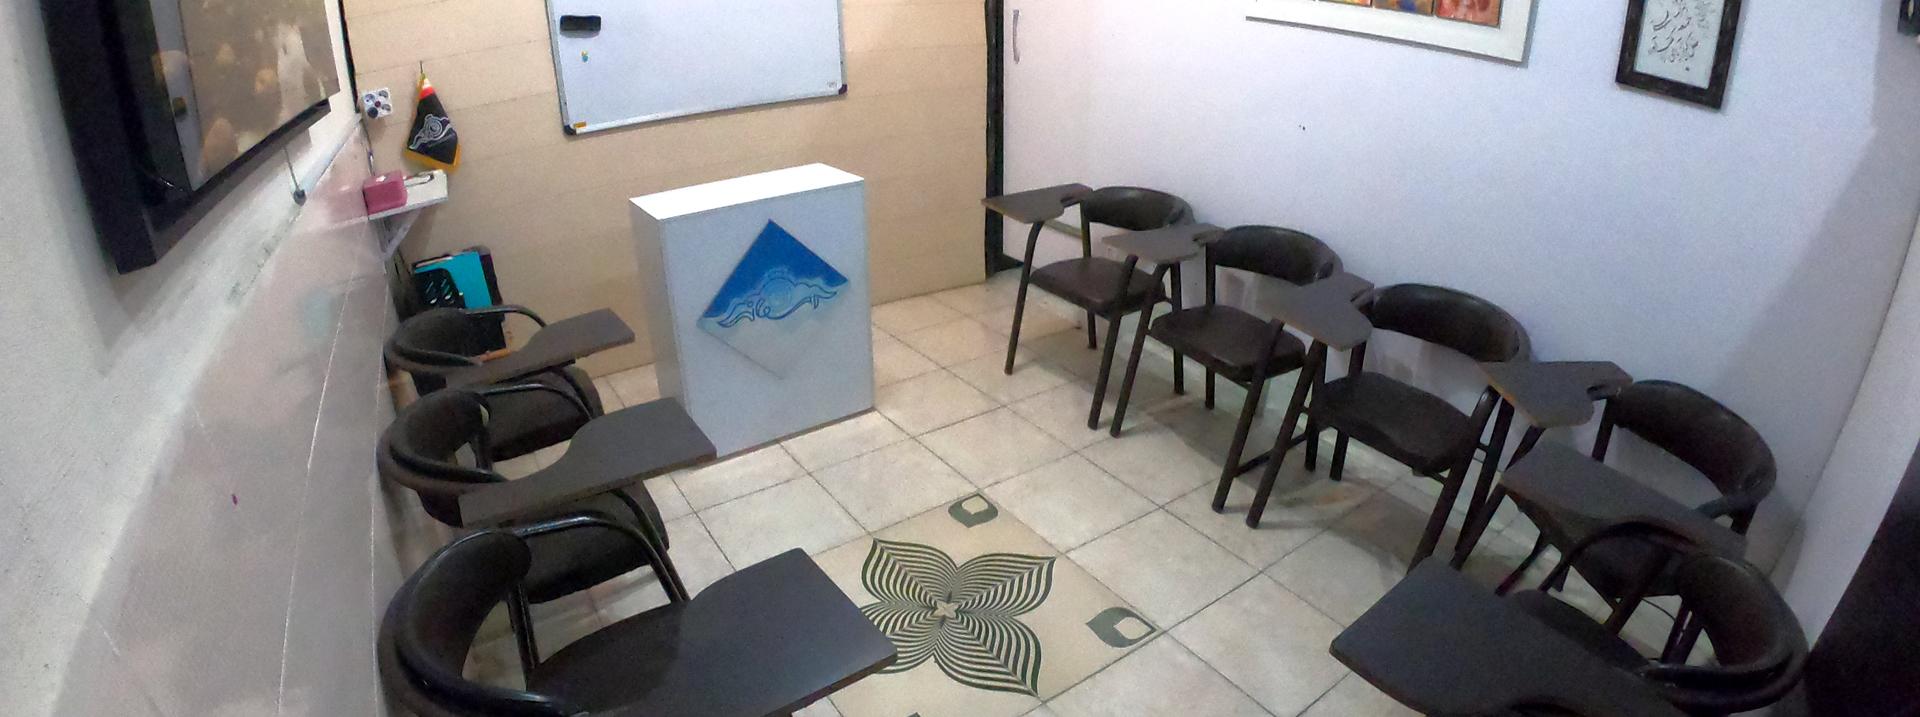 کلاس/محل برگزاری کارگاه های تئوری